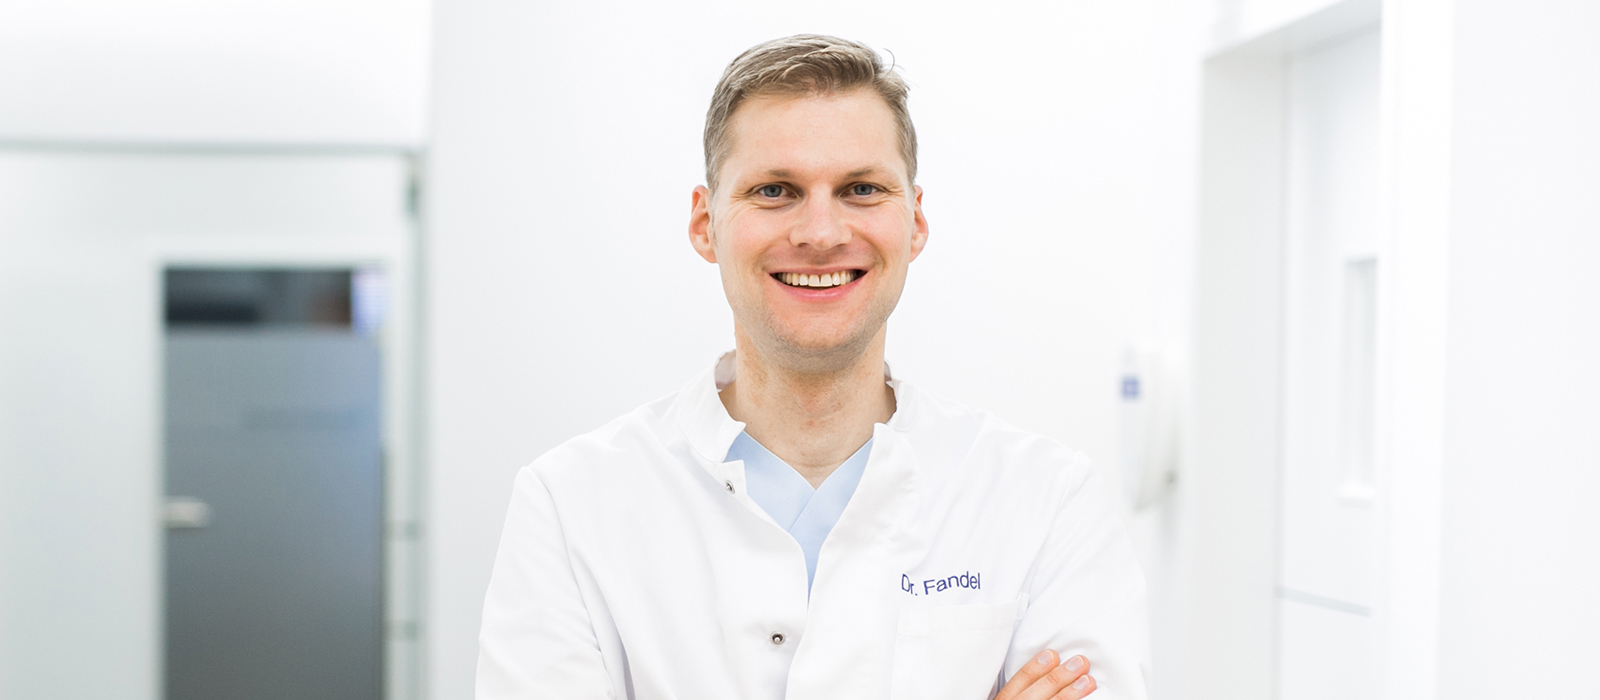 Dr. med. dent. Markus Fandel